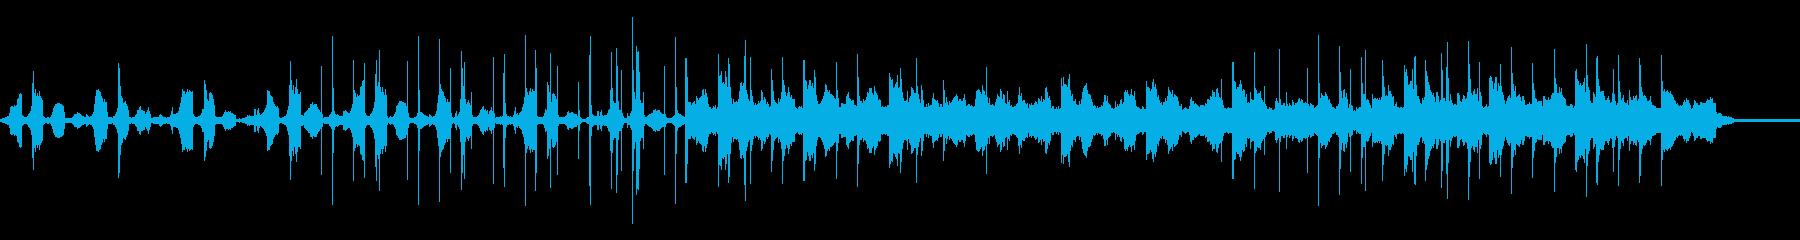 Lo-fi HipHop風の音楽です。の再生済みの波形